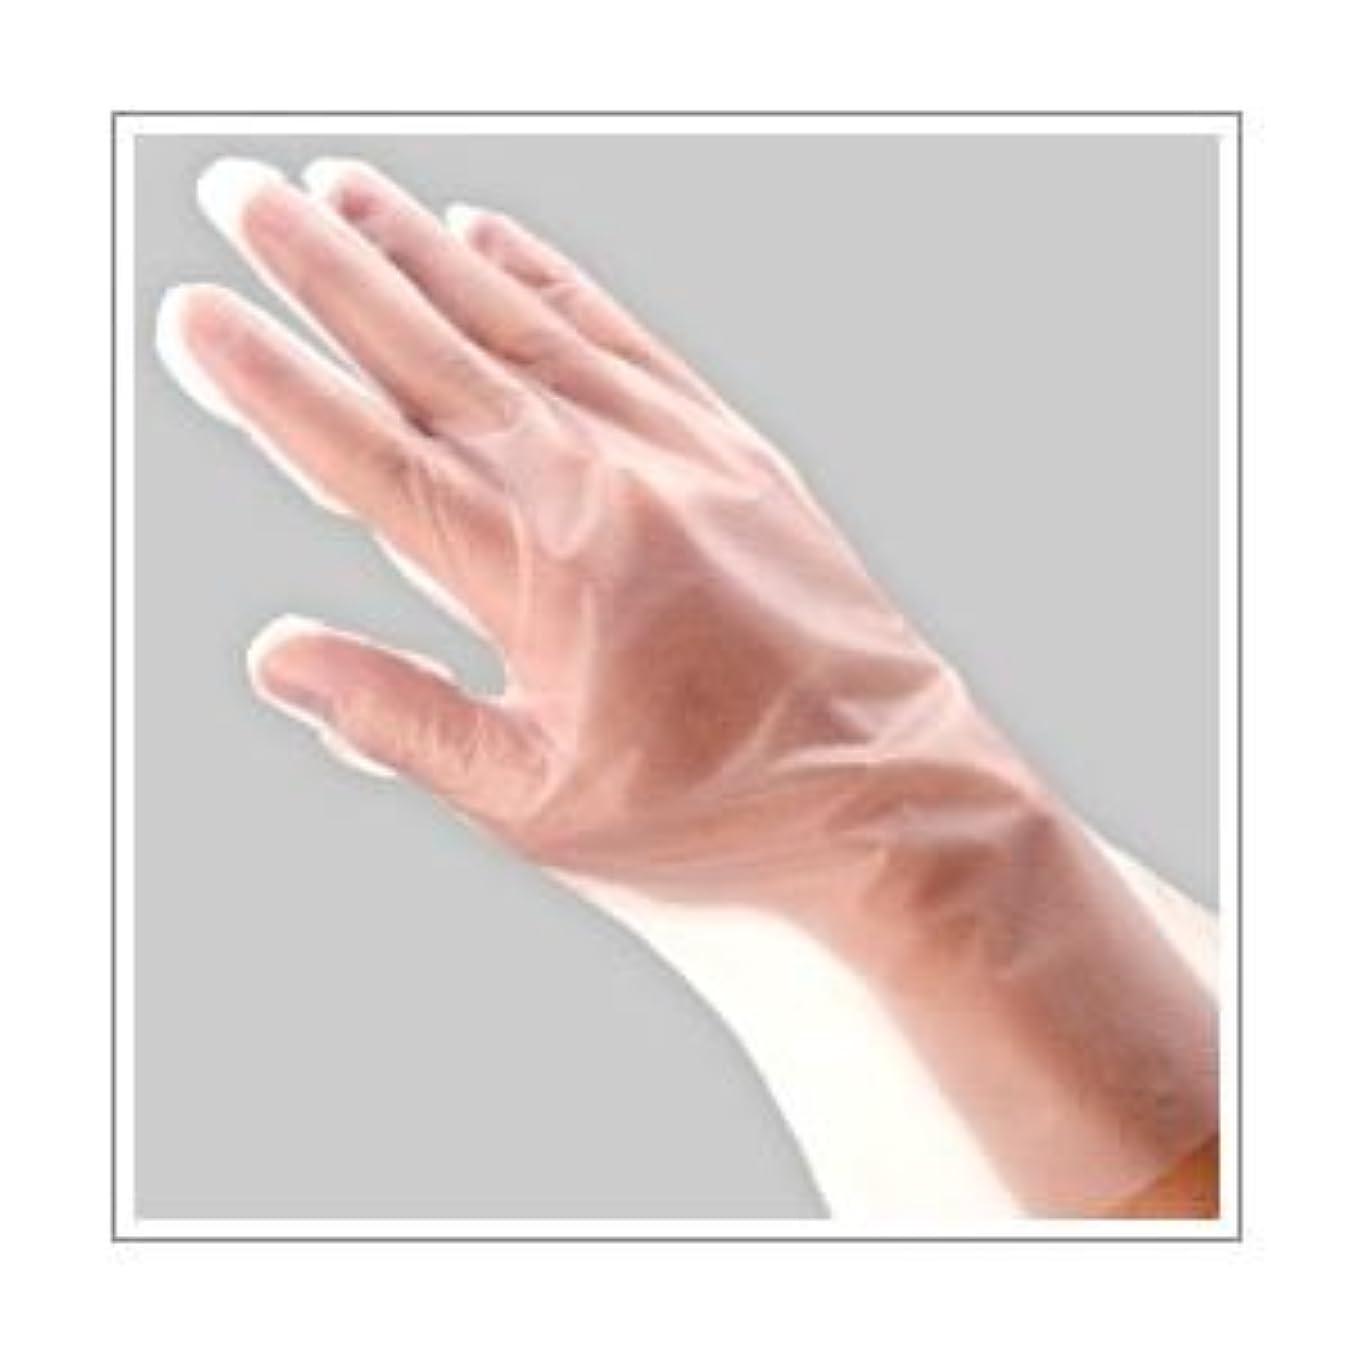 キャンペーン嫌がらせ貴重な福助工業 ポリ手袋 指フィット 100枚パック S ×10セット